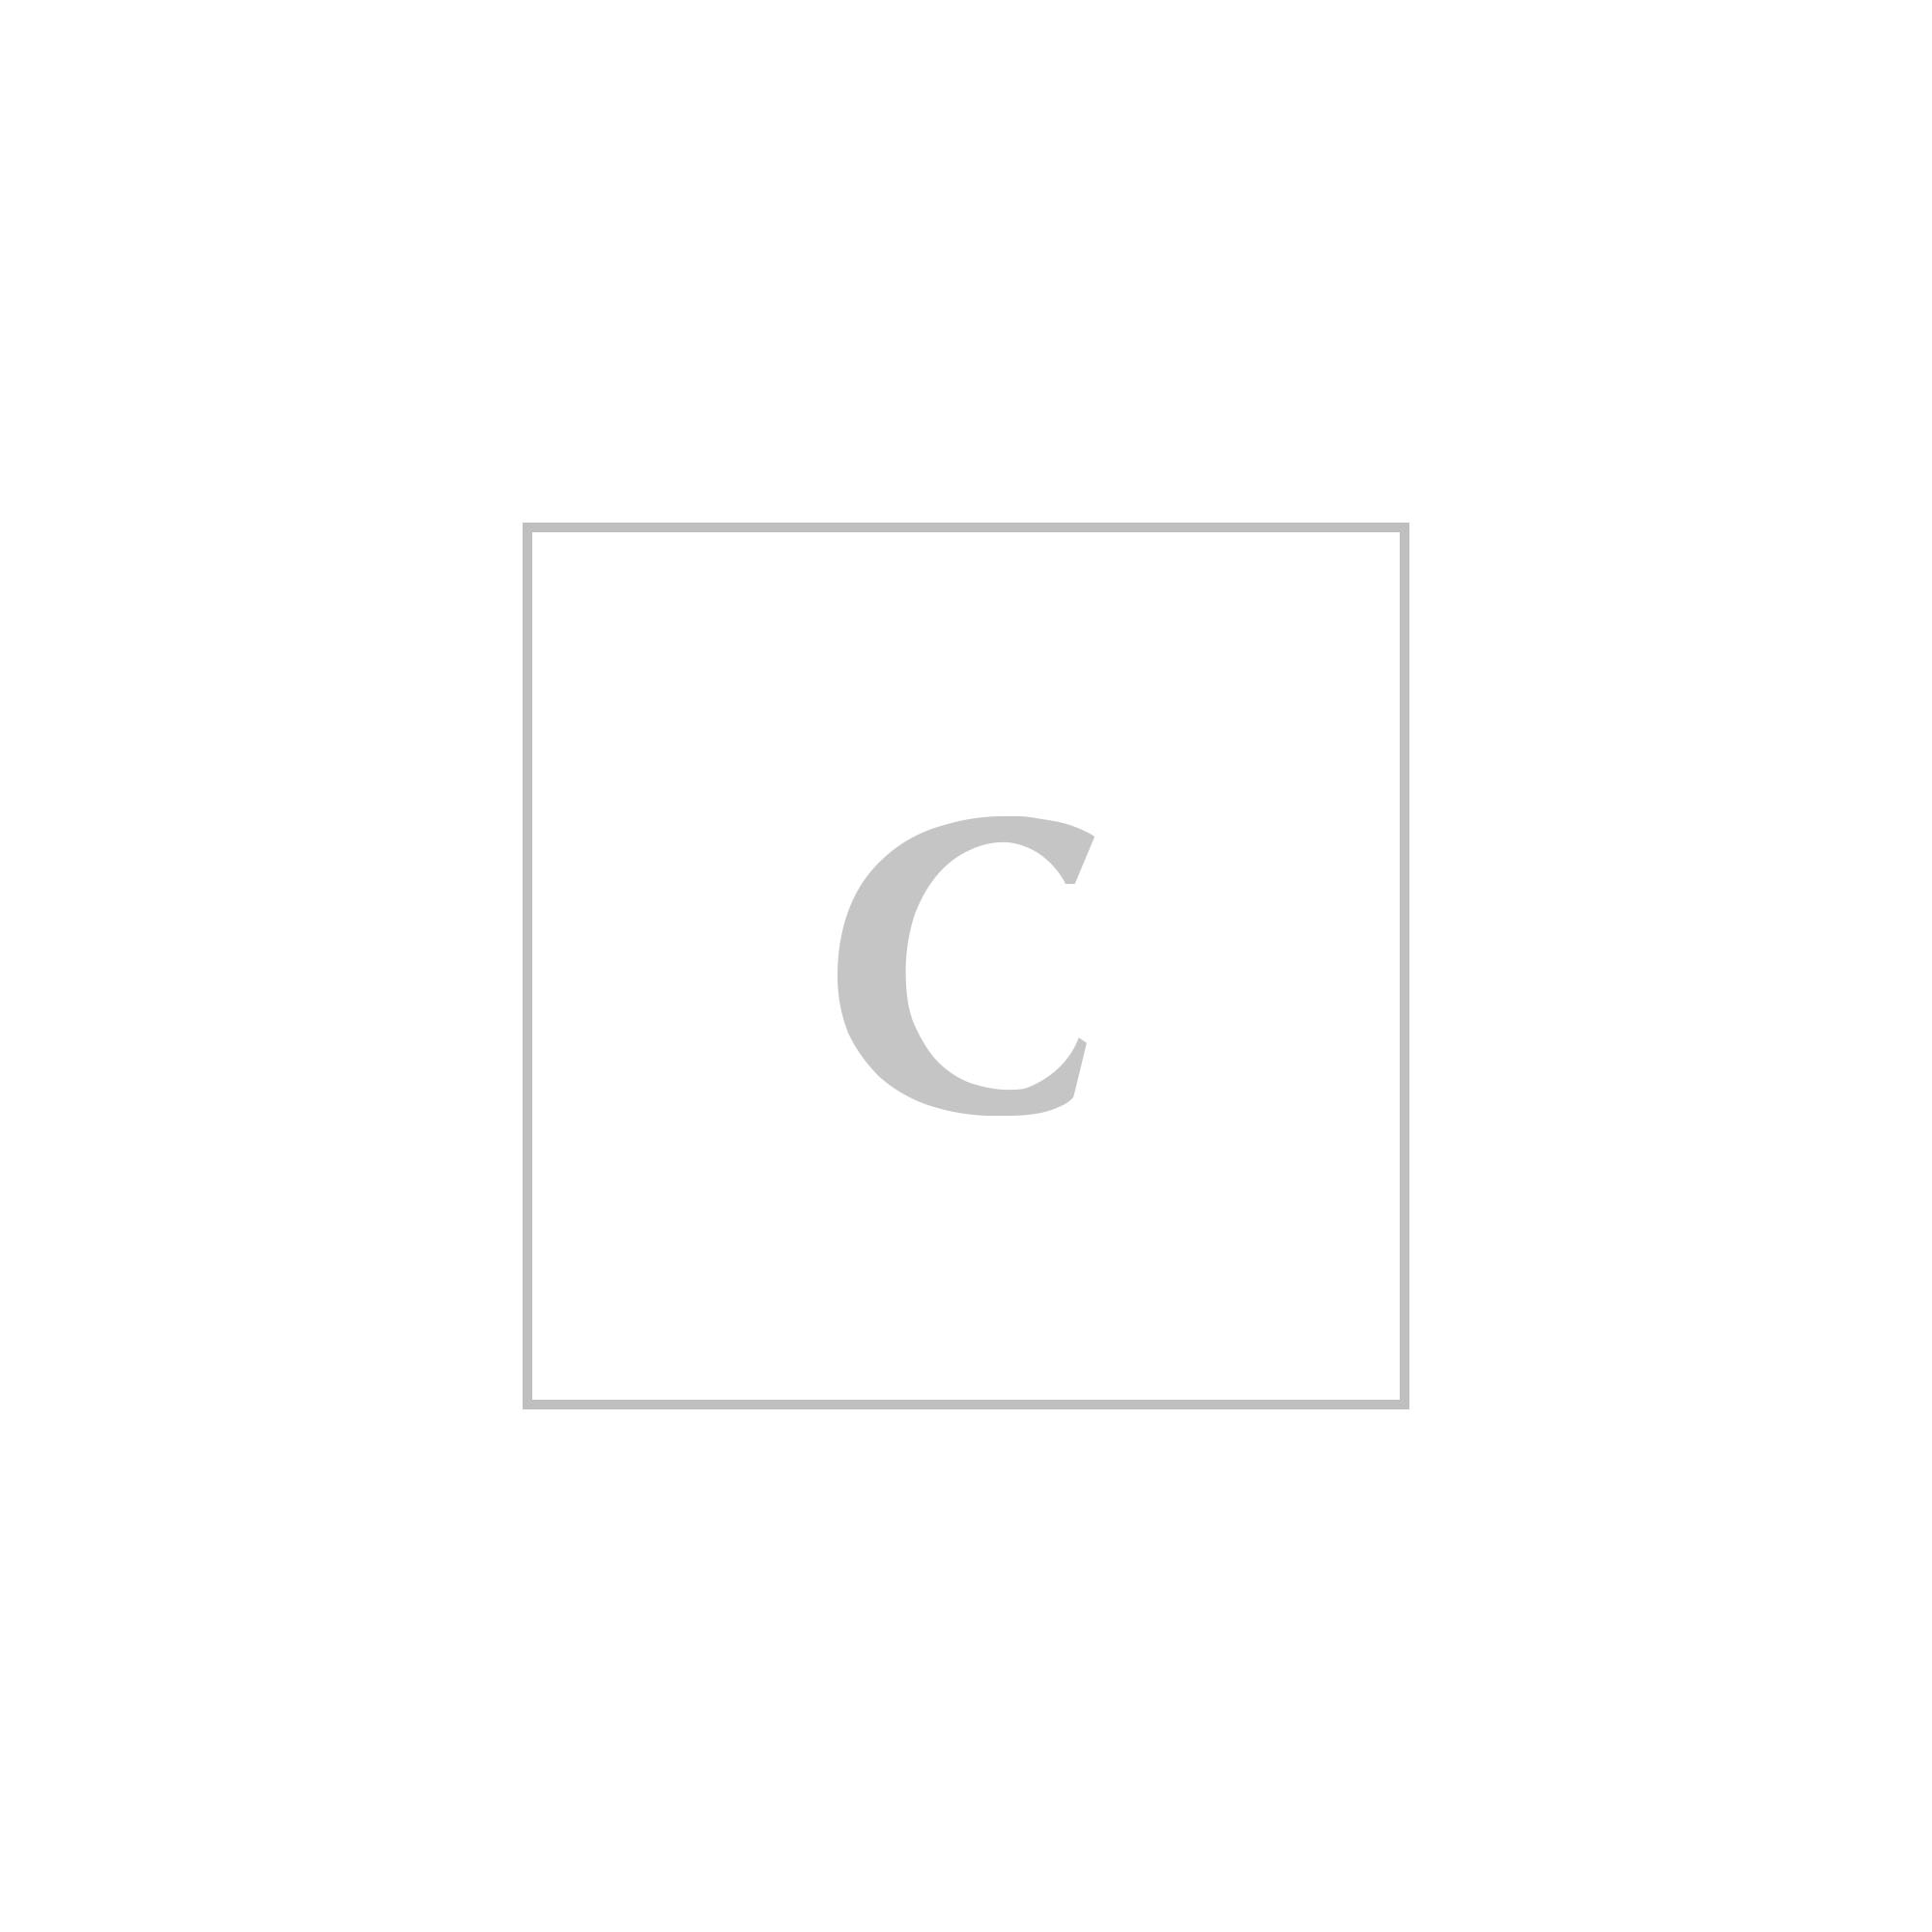 Salvatore ferragamo borsa ginny 21e481 014 tissu soft squadrato